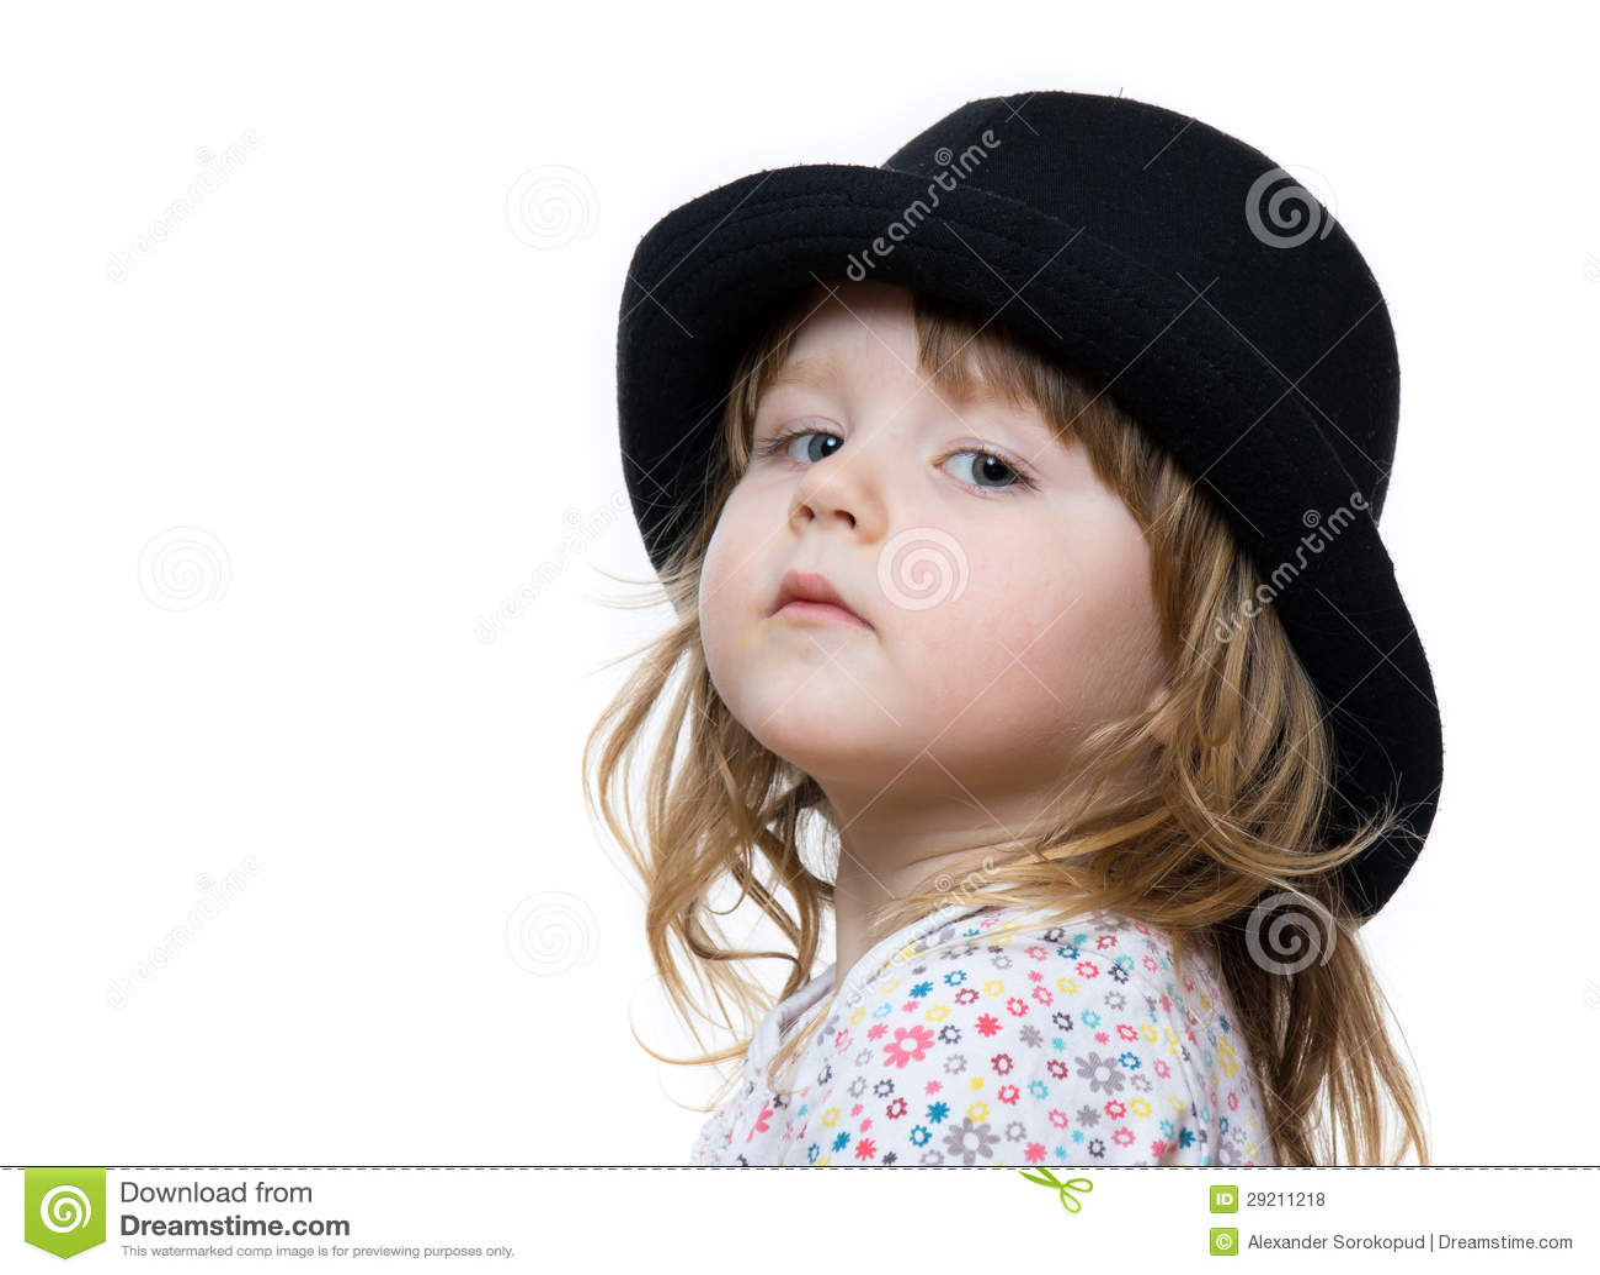 Cute little girl posing in black hat